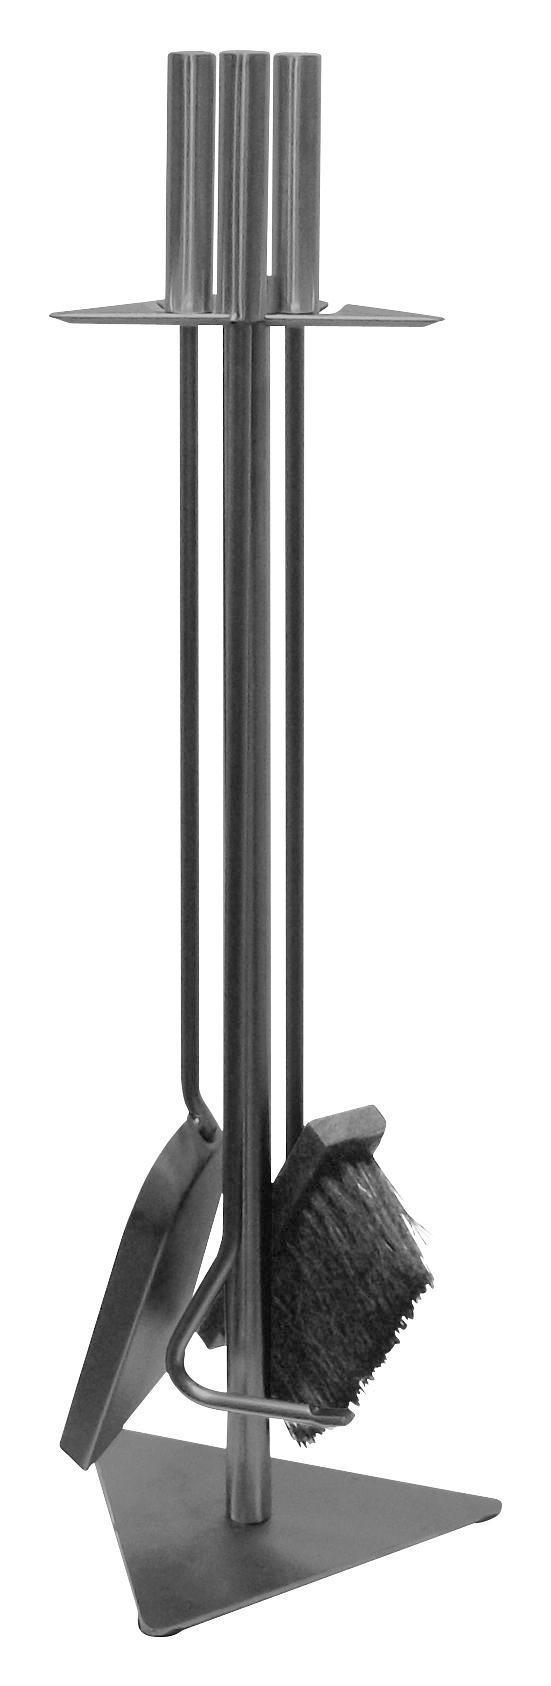 Kaminbesteck Gustav 4-tlg. - Silberfarben, ROMANTIK / LANDHAUS, Metall (60cm)